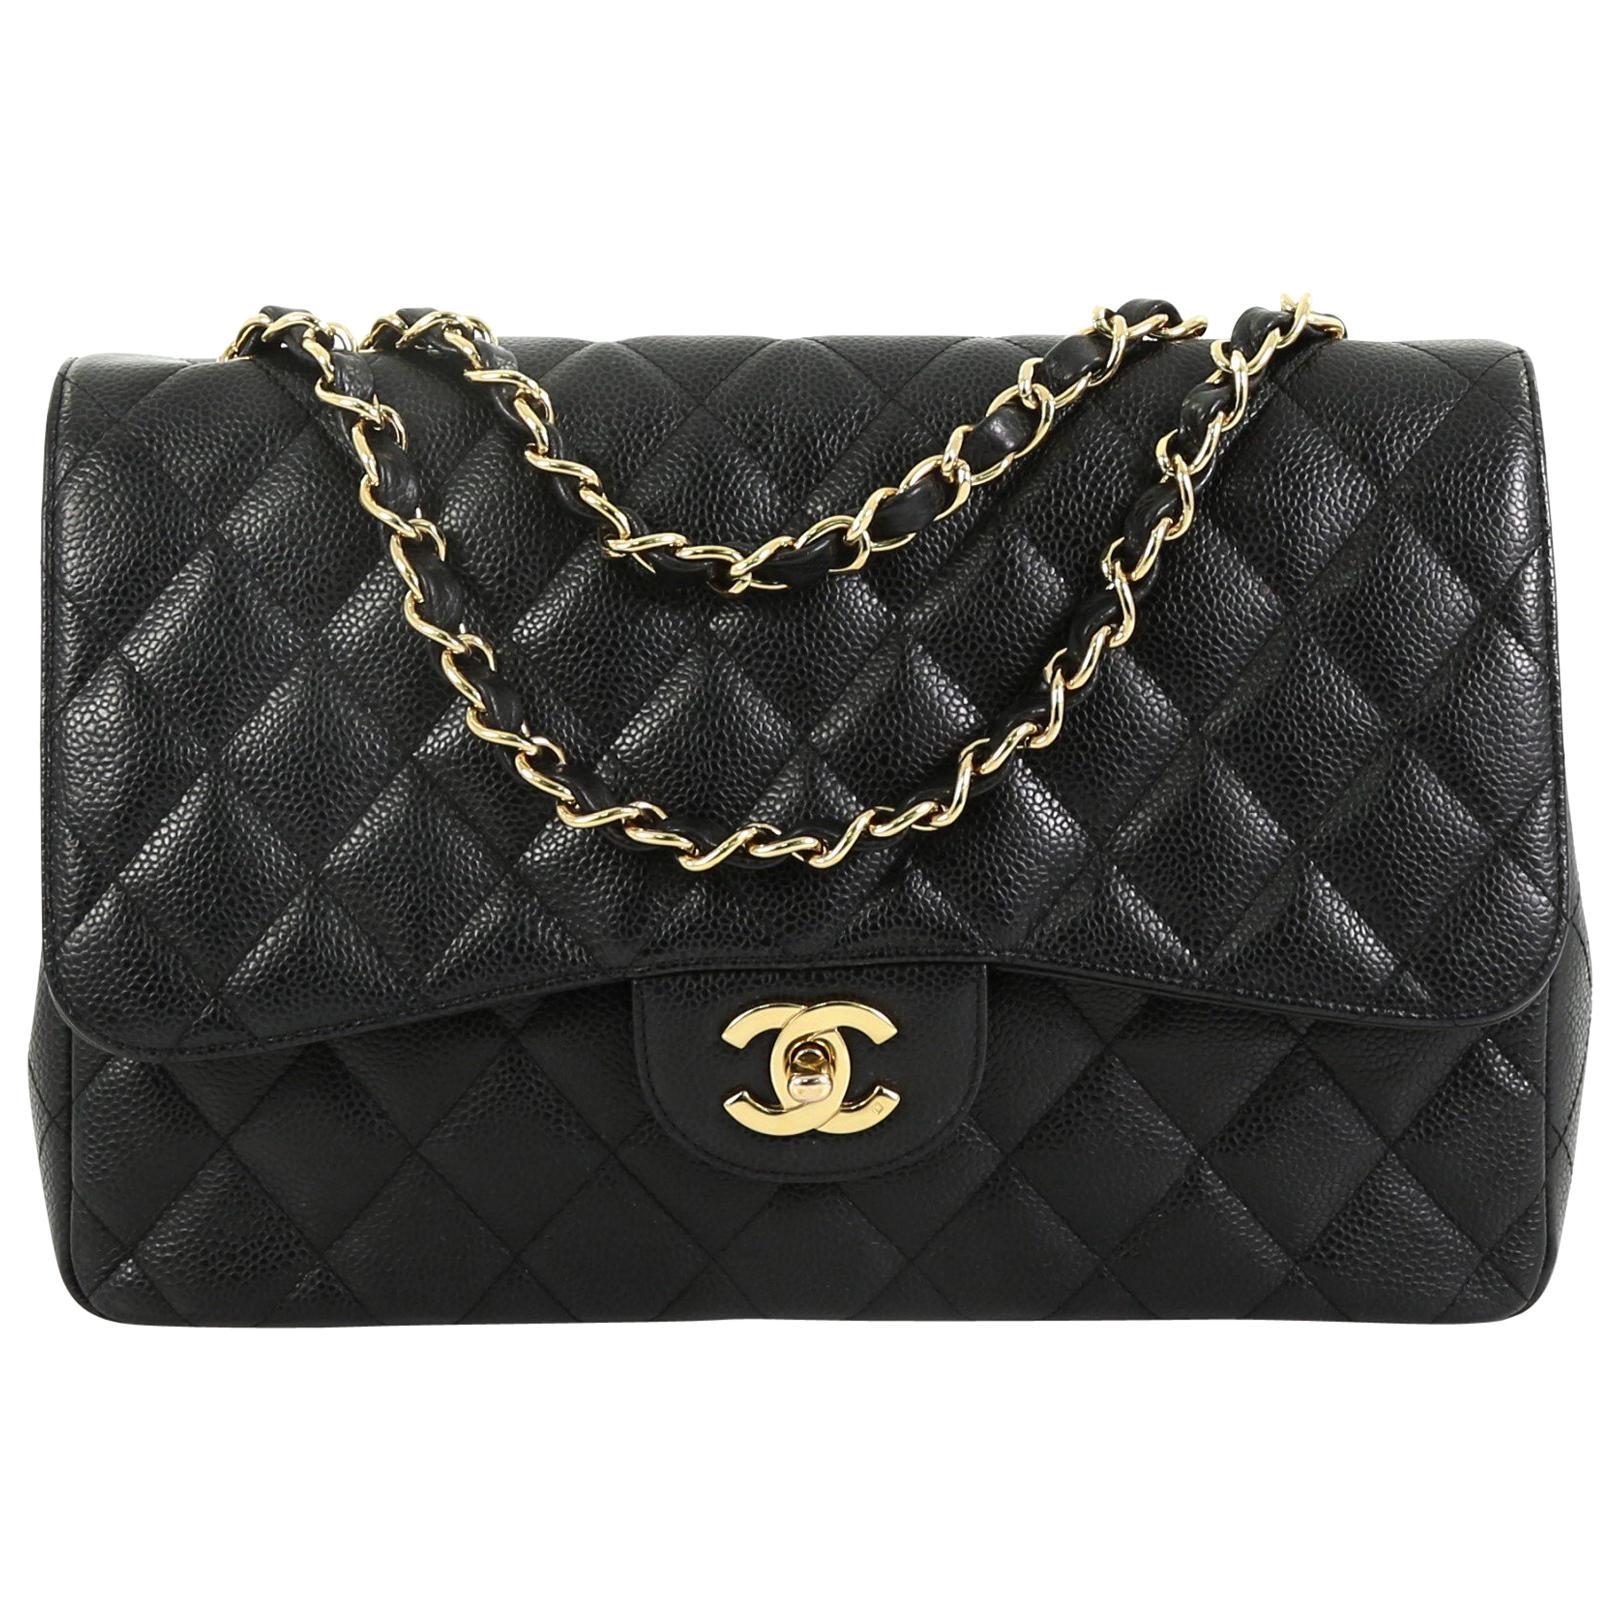 7bca4025cf39 Vintage Chanel Purses and Handbags at 1stdibs - Page 3